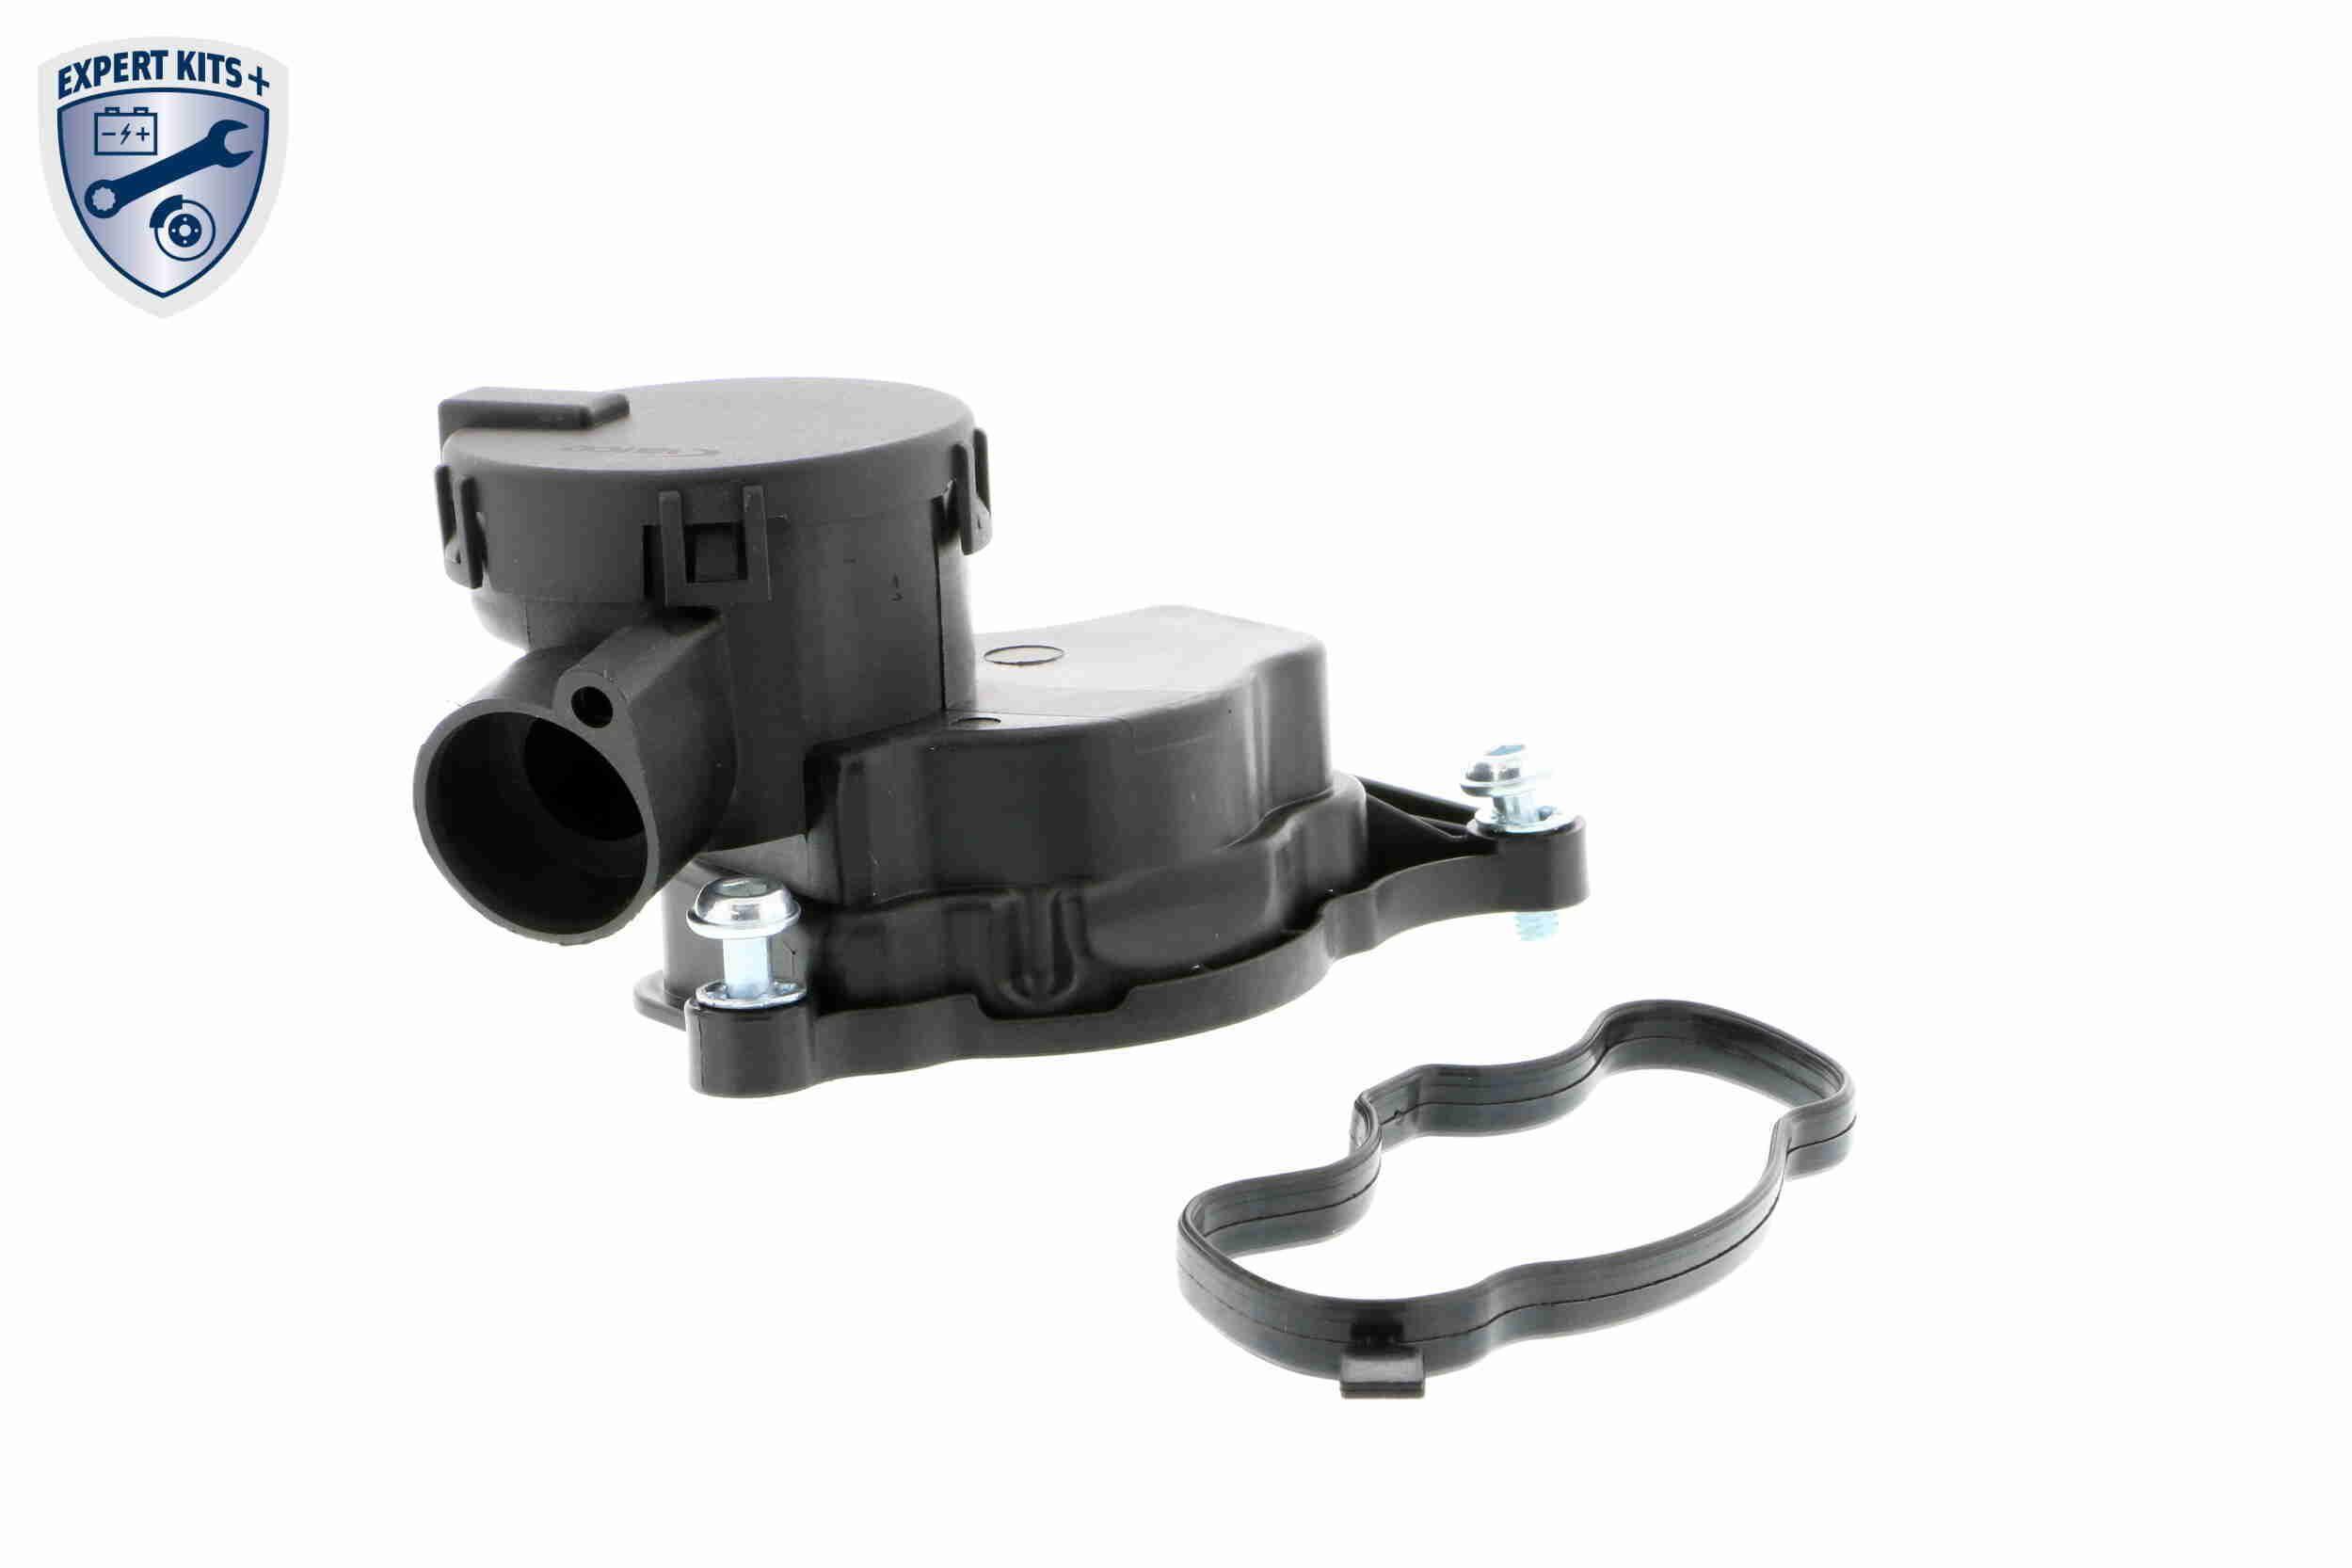 Ventil, Kurbelgehäuseentlüftung V20-1857 VAICO V20-1857 in Original Qualität